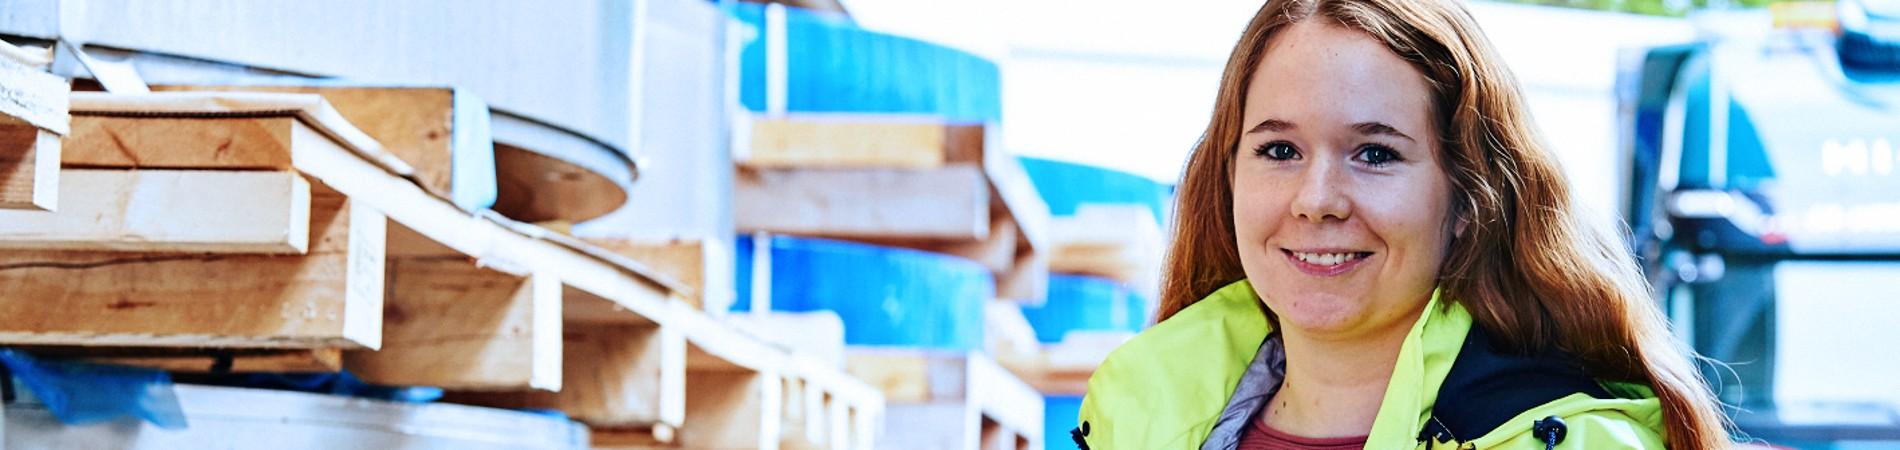 thyssenkrupp Bearings employee experience report Alina Schickentanz